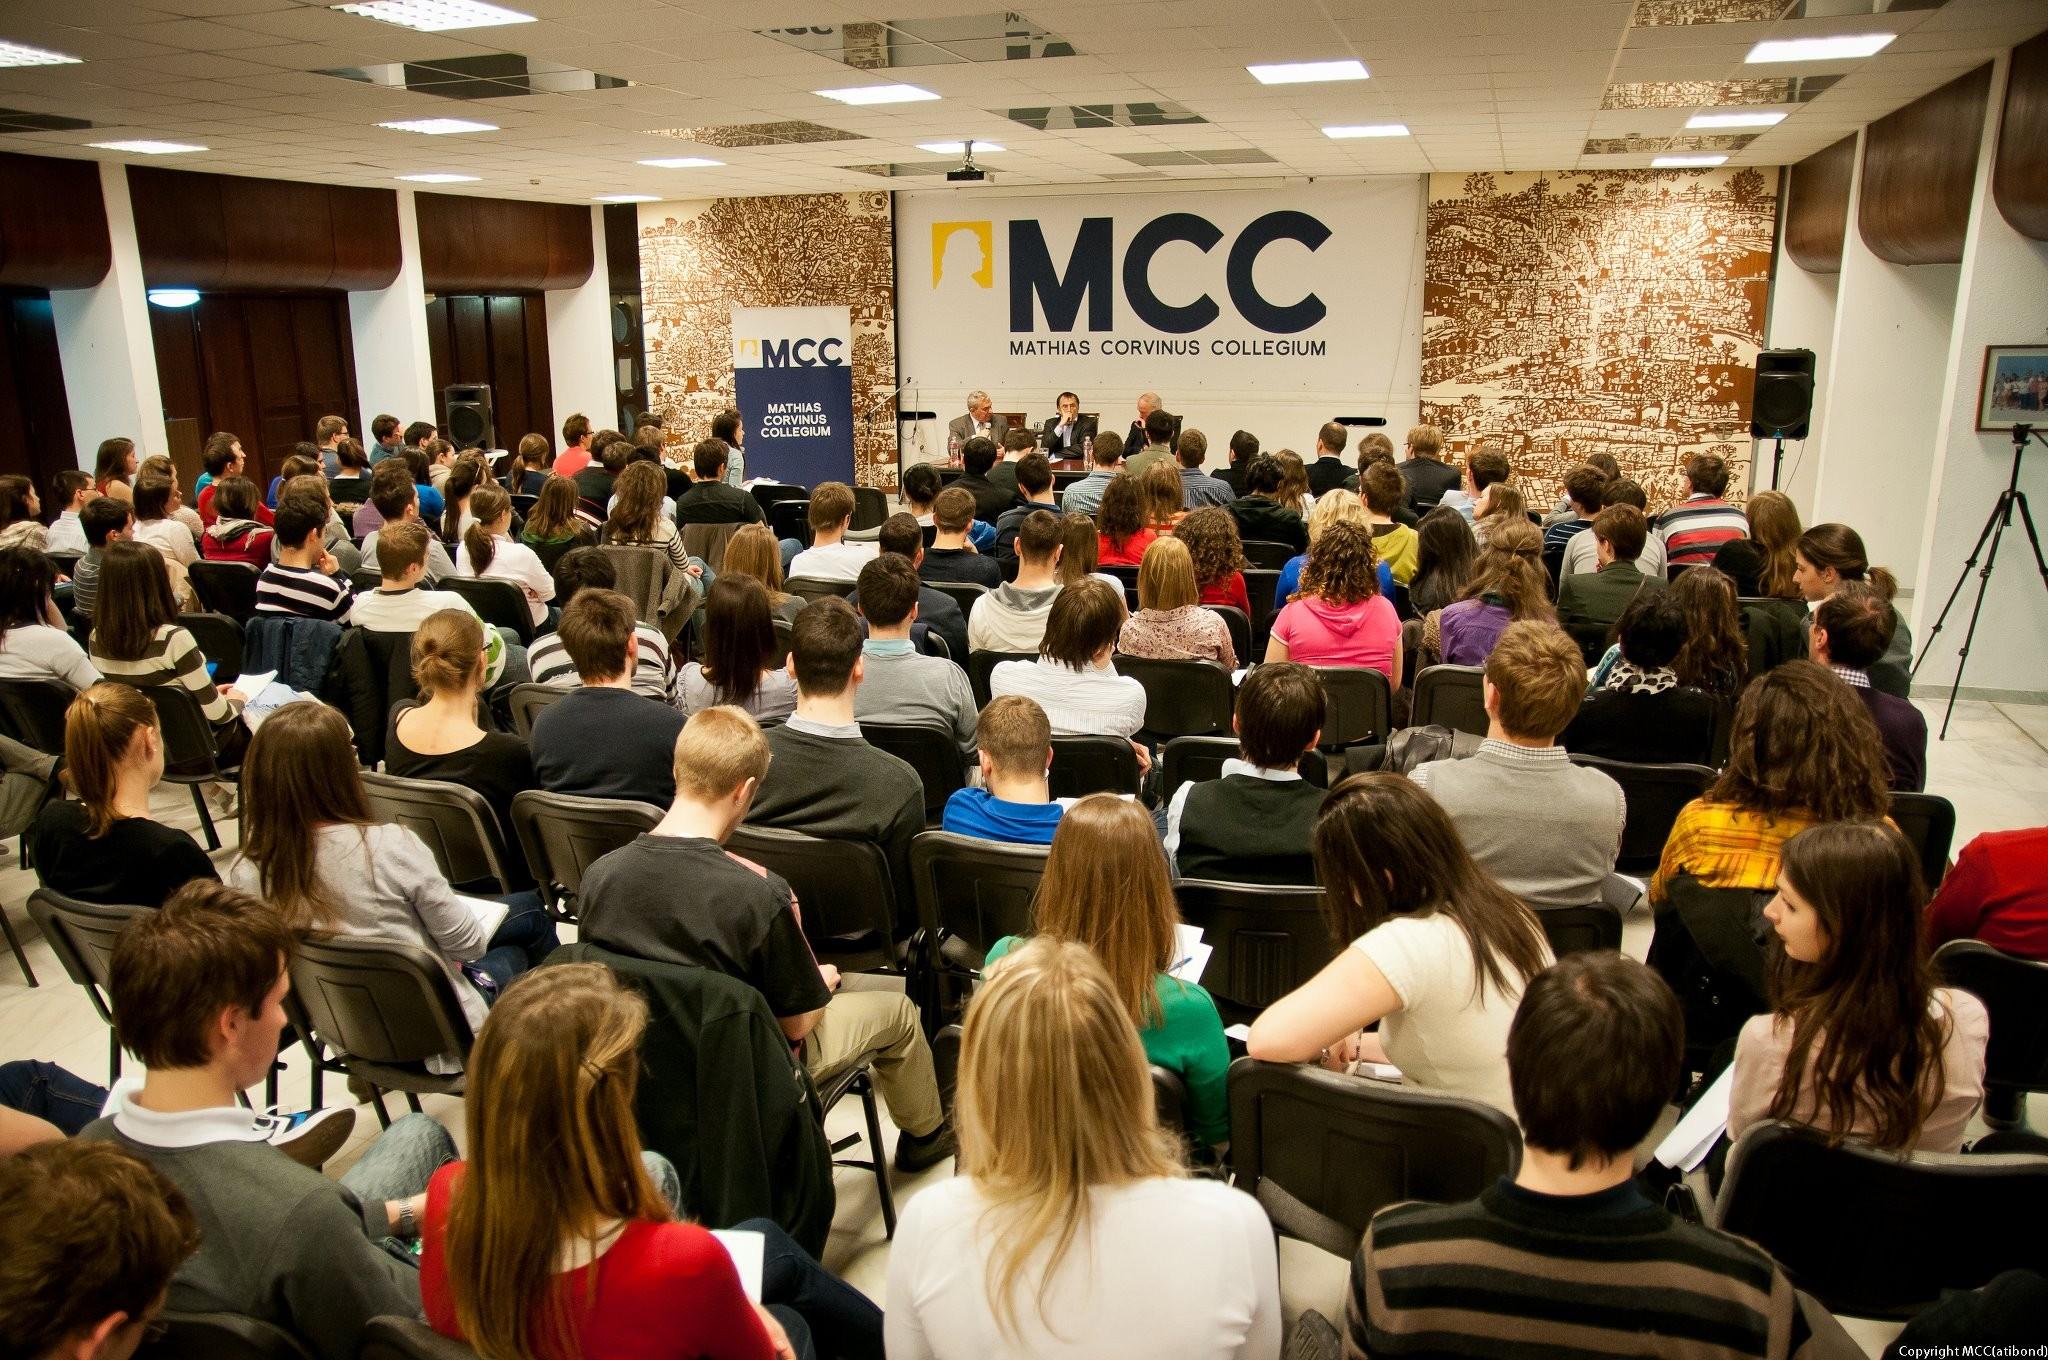 Január végéig várják a középiskolások jelentkezését a Mathias Corvinus Collegium képzéseire